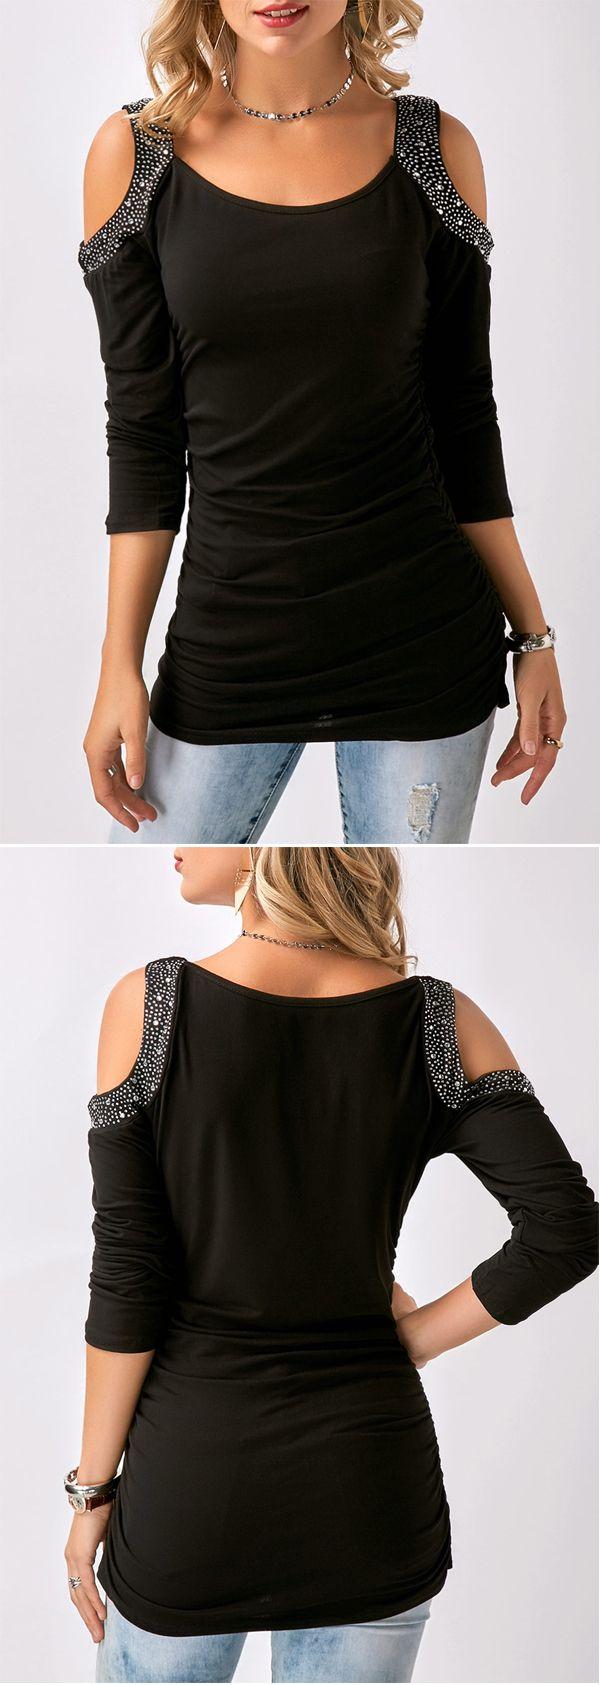 #tops #tshirts #womensfashion #womenstyle #liligal